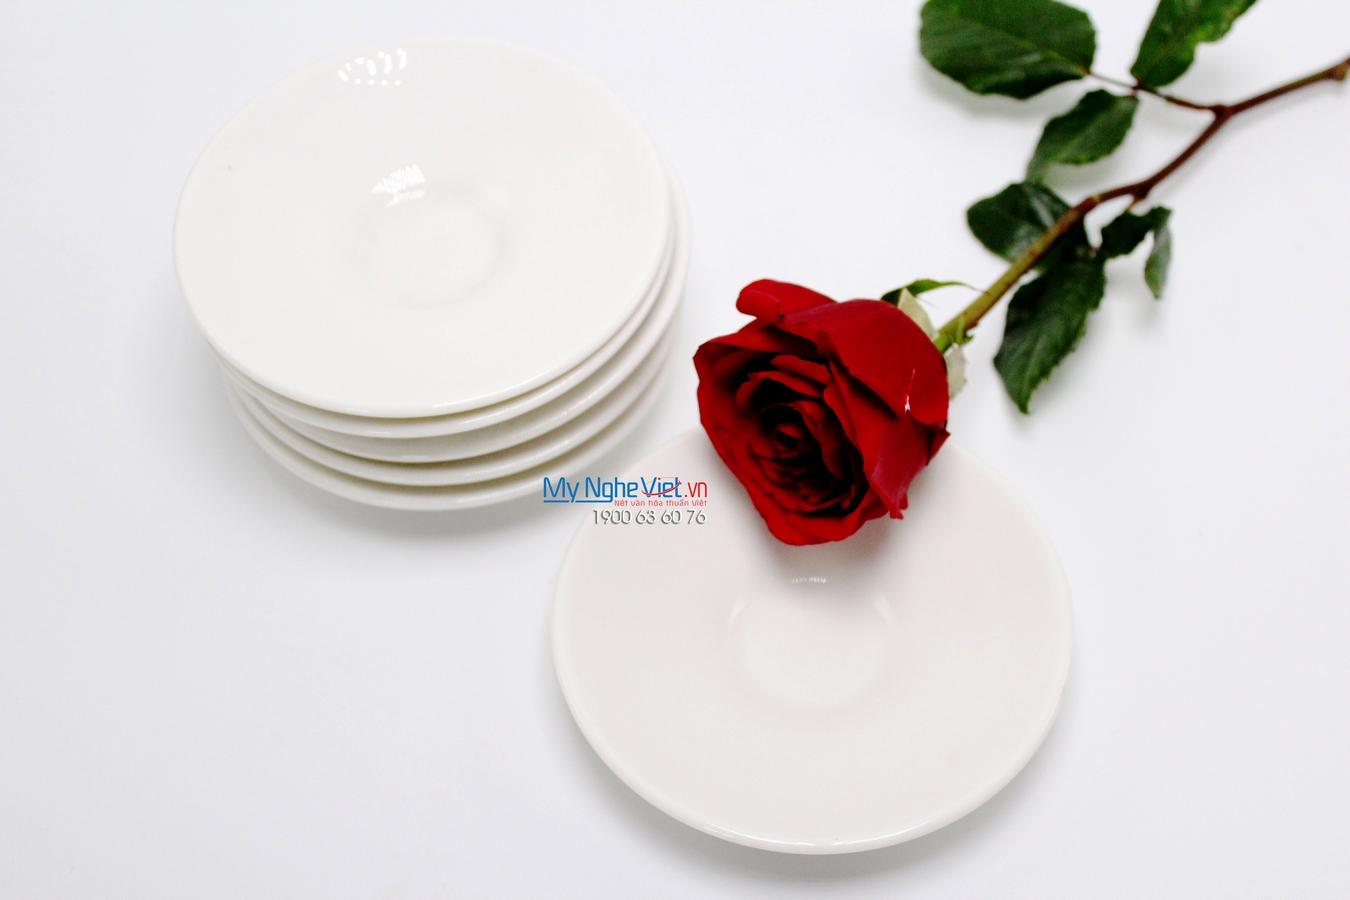 Dĩa lót 11 cm trắng ngà - MNV - 281187000